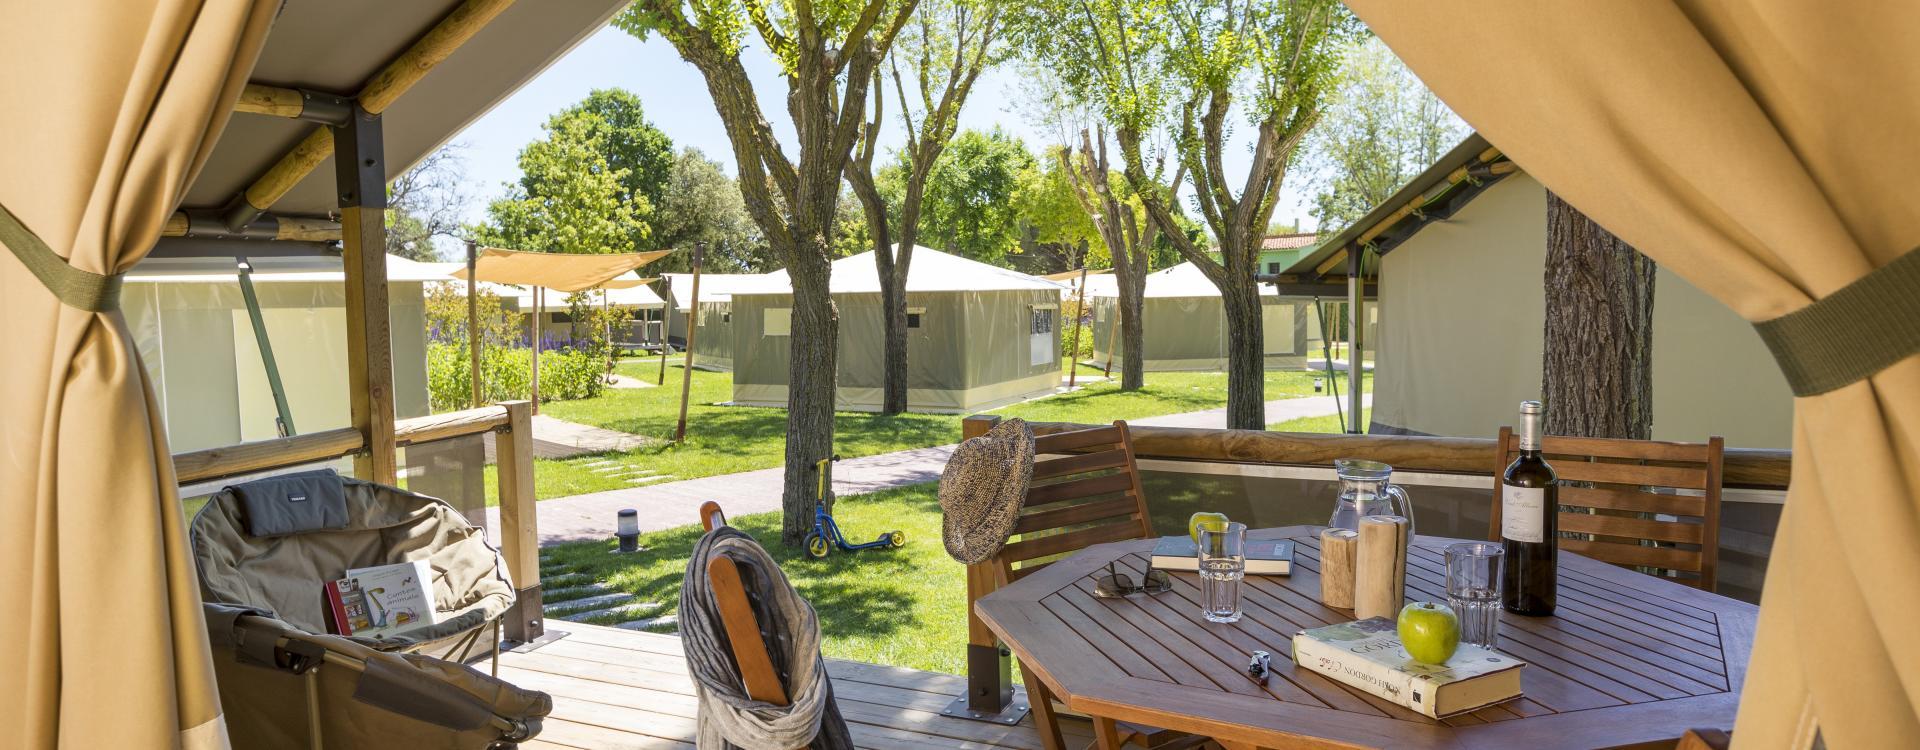 Tent Super Fun - Camping Valldaro - Platja d'Aro